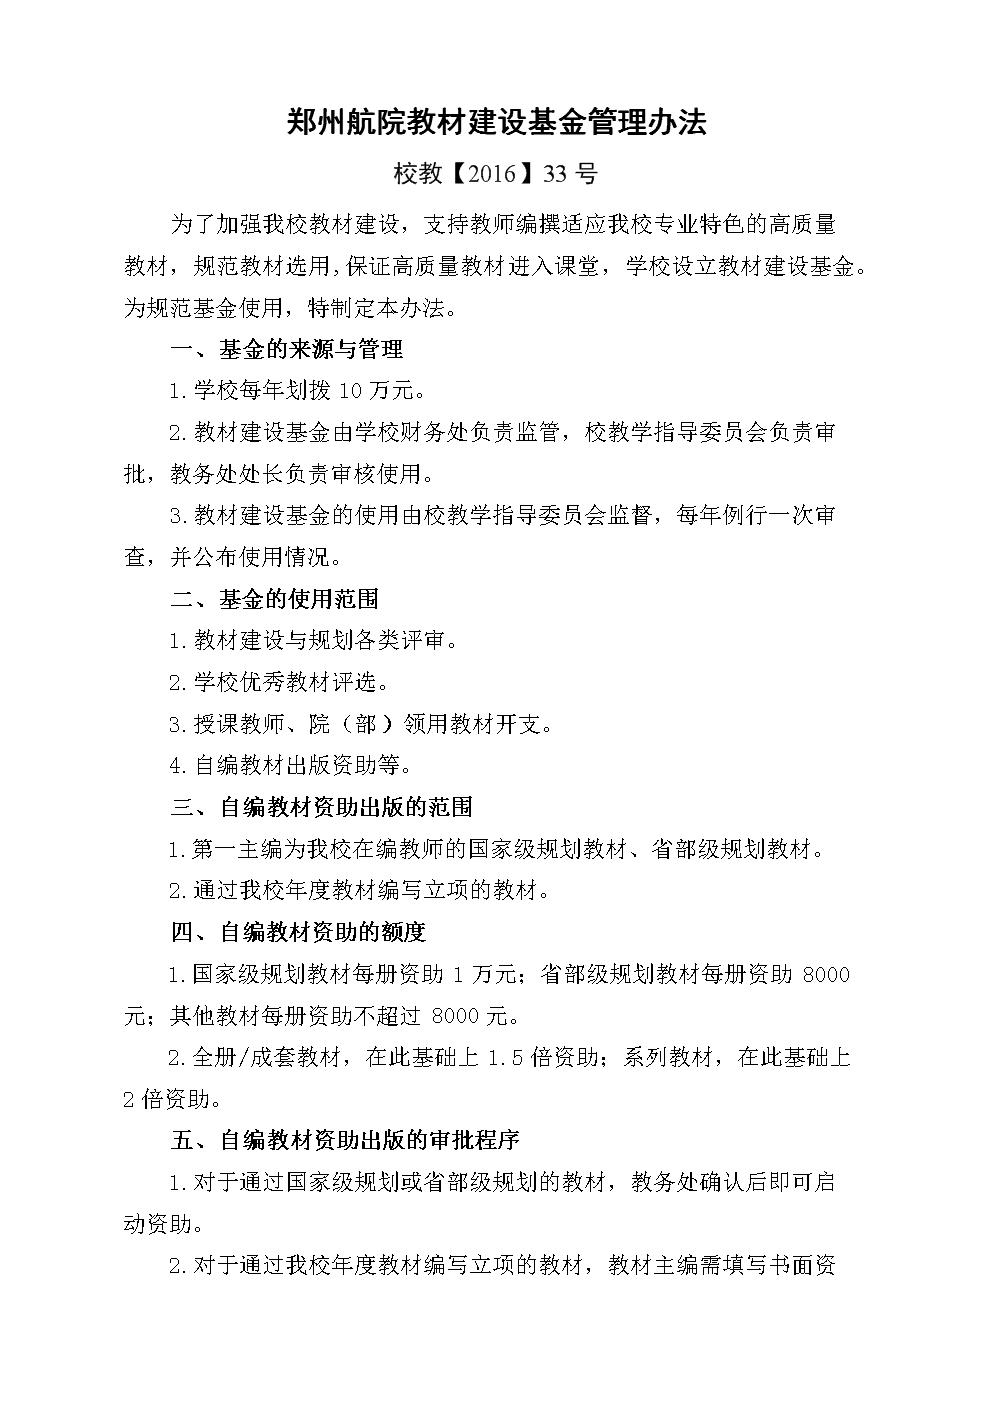 鄭州航院教材建設基金管理辦法.doc